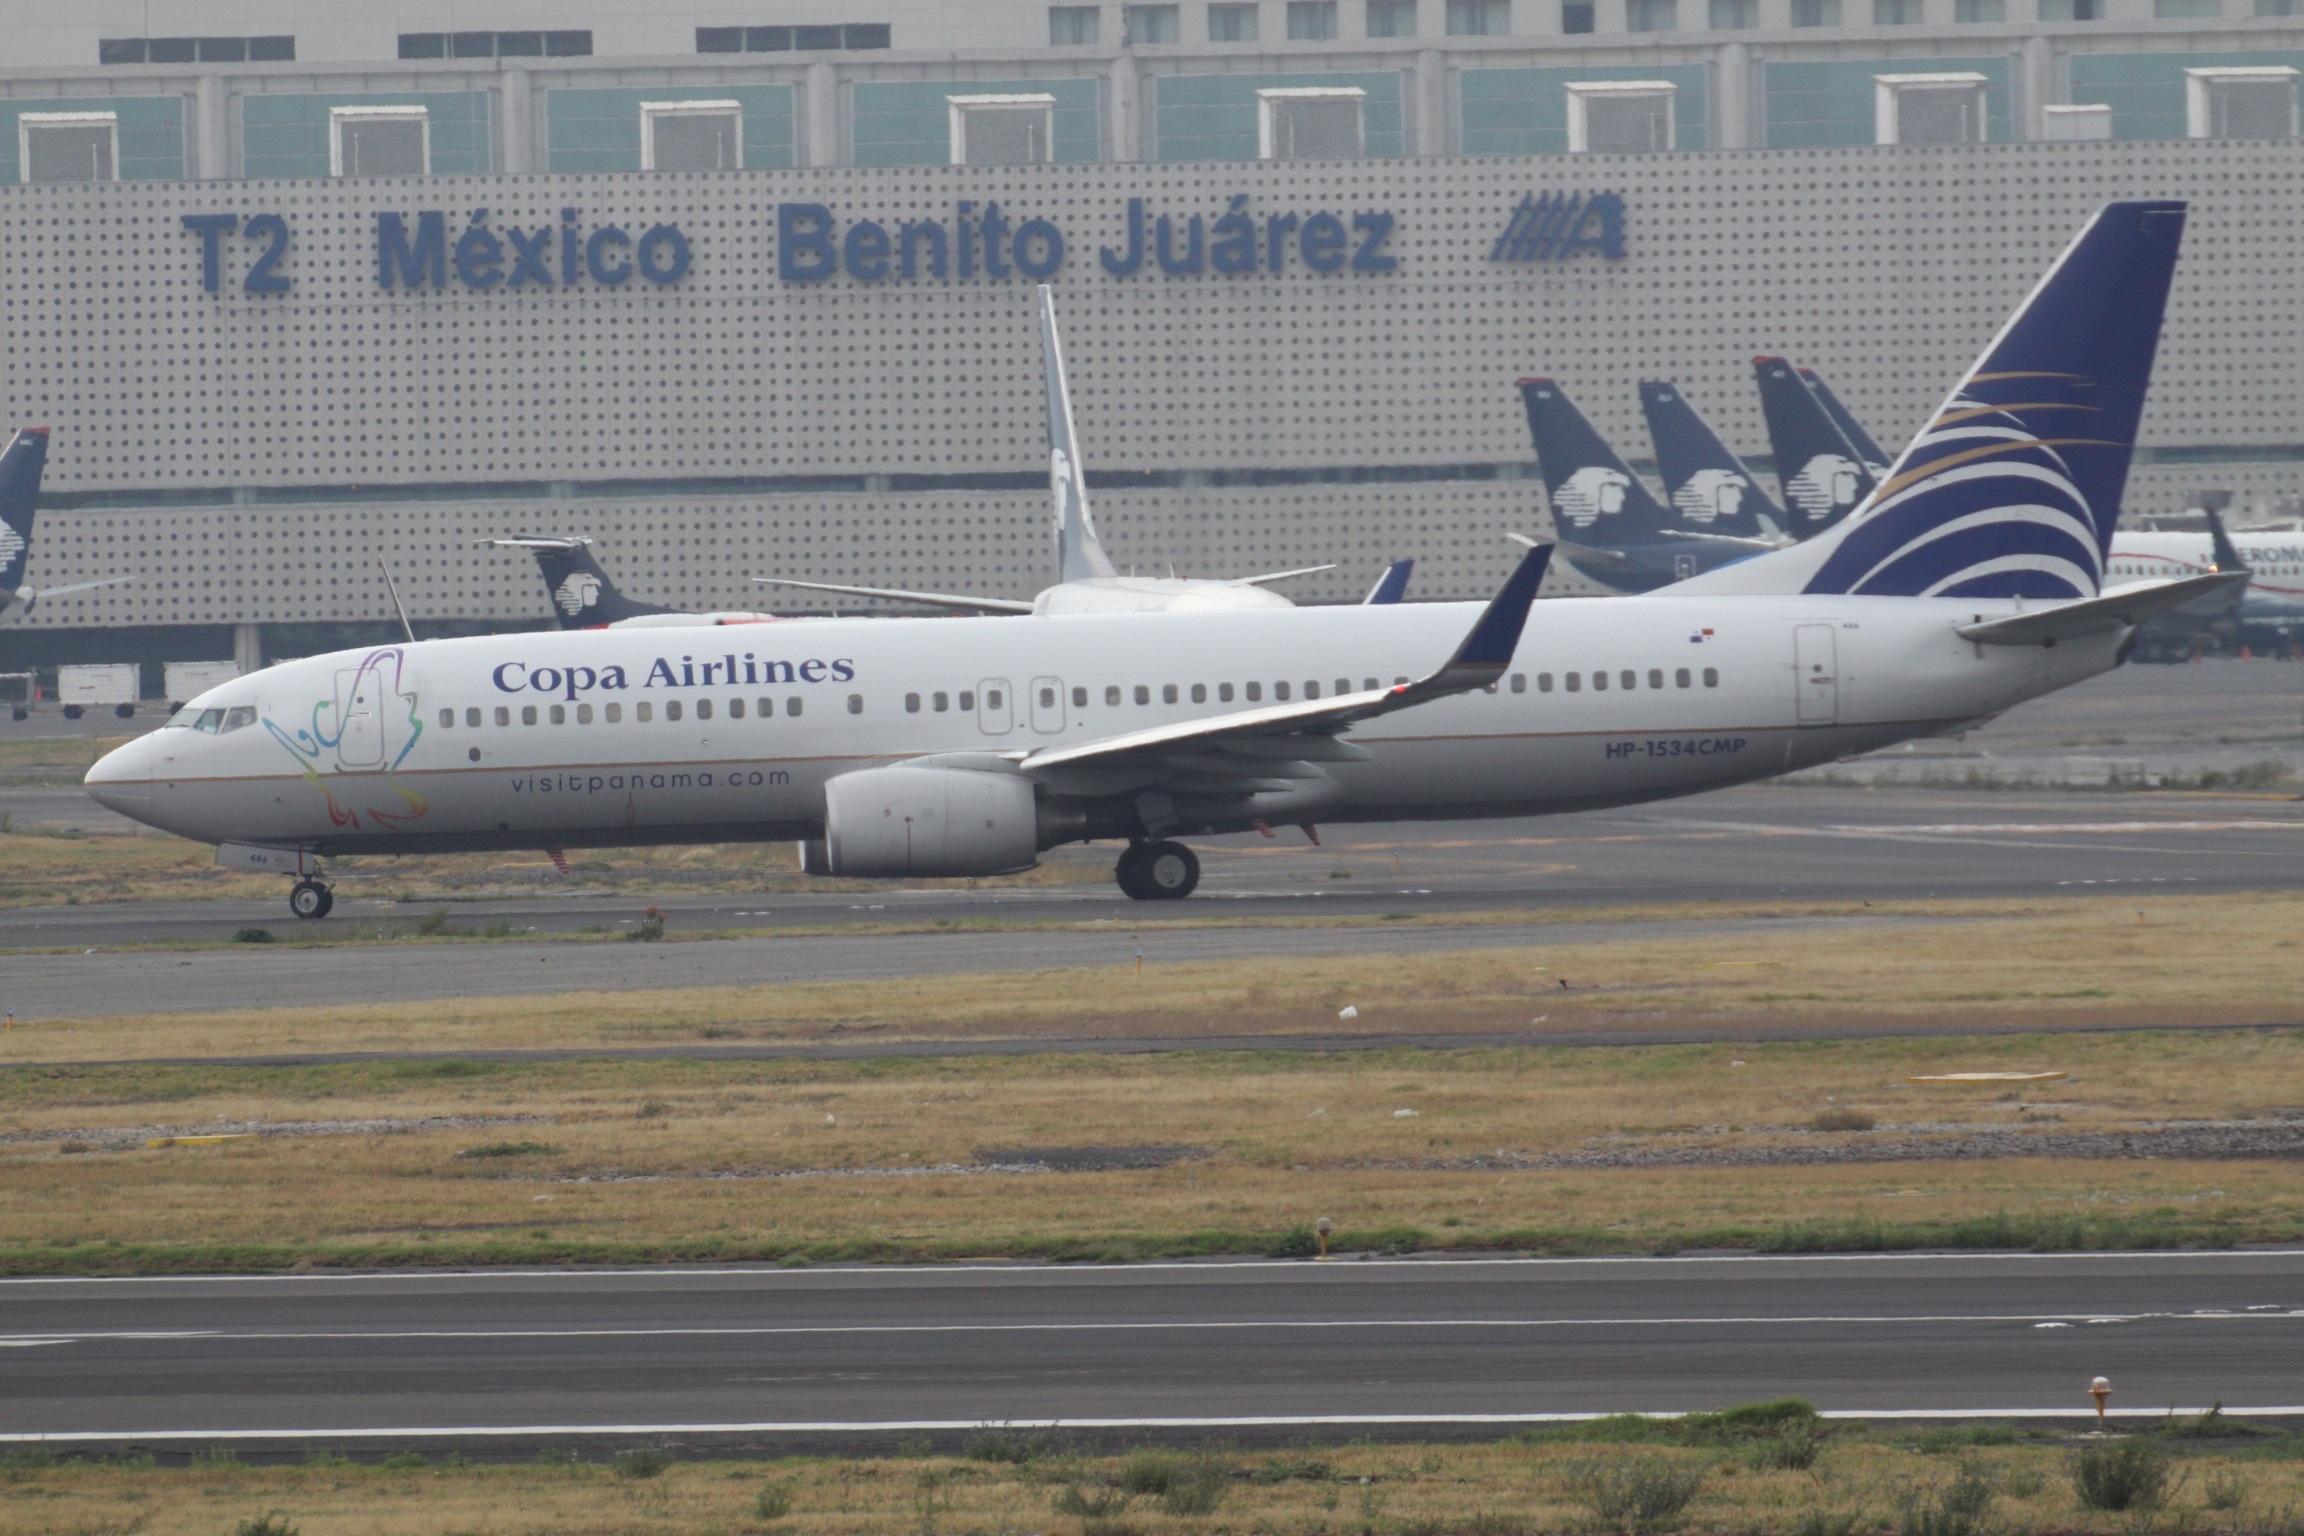 En Boeing 737-800 fra det panamanske flyselskab Copa Airlines i Mexico Citys storlufthavn. Foto: aeroprints.com